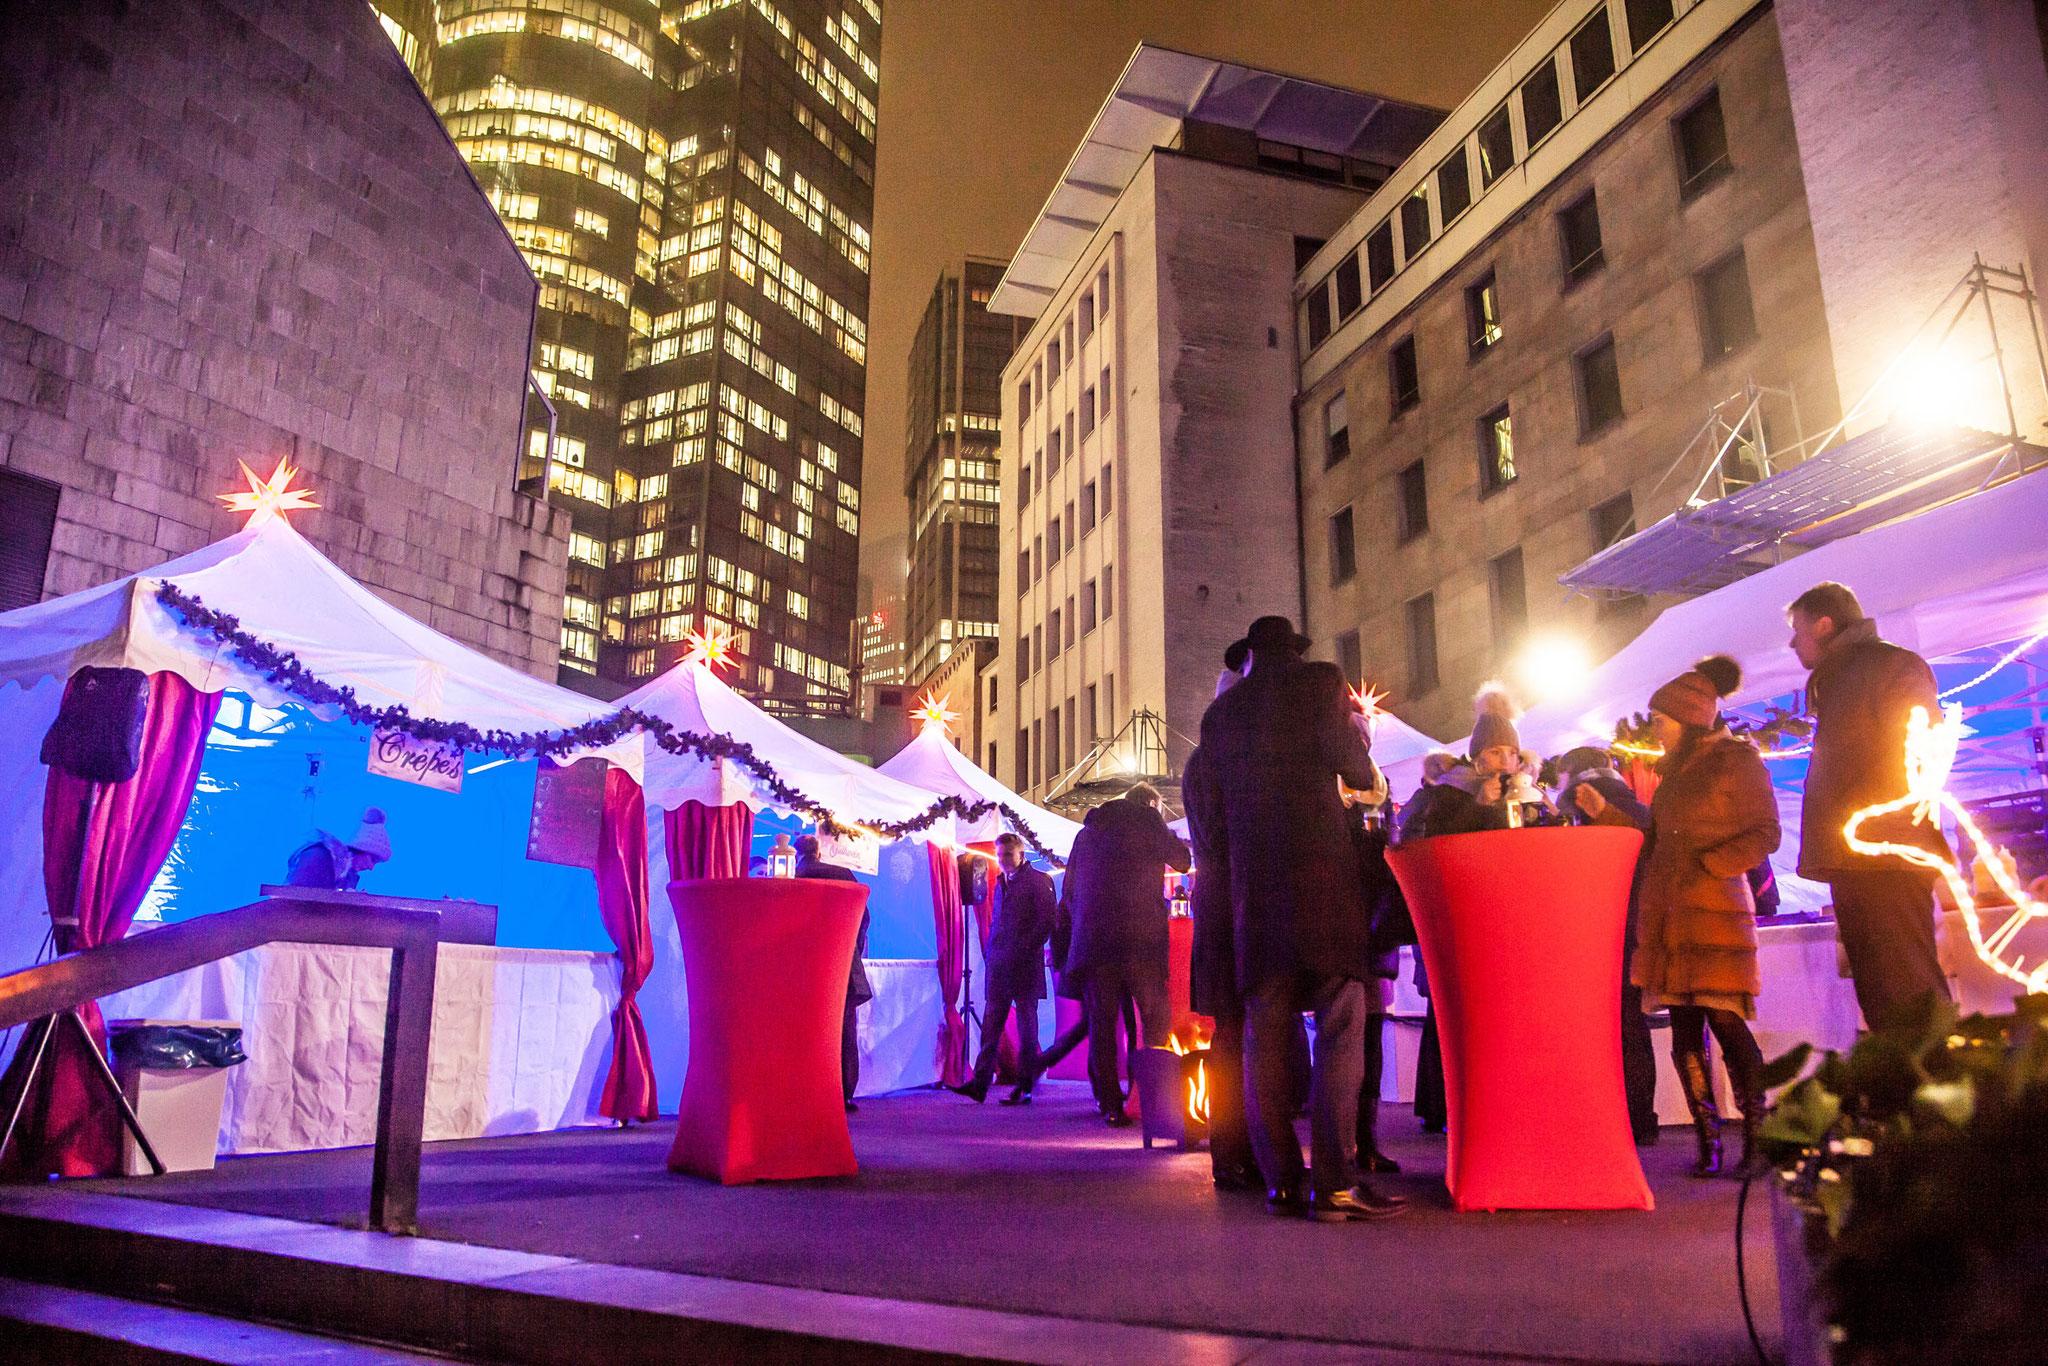 <h2>Stylische beleuchtete Weihnachtspagoden</h2> natürlich auch in Ihren Firmenfarben möglich!